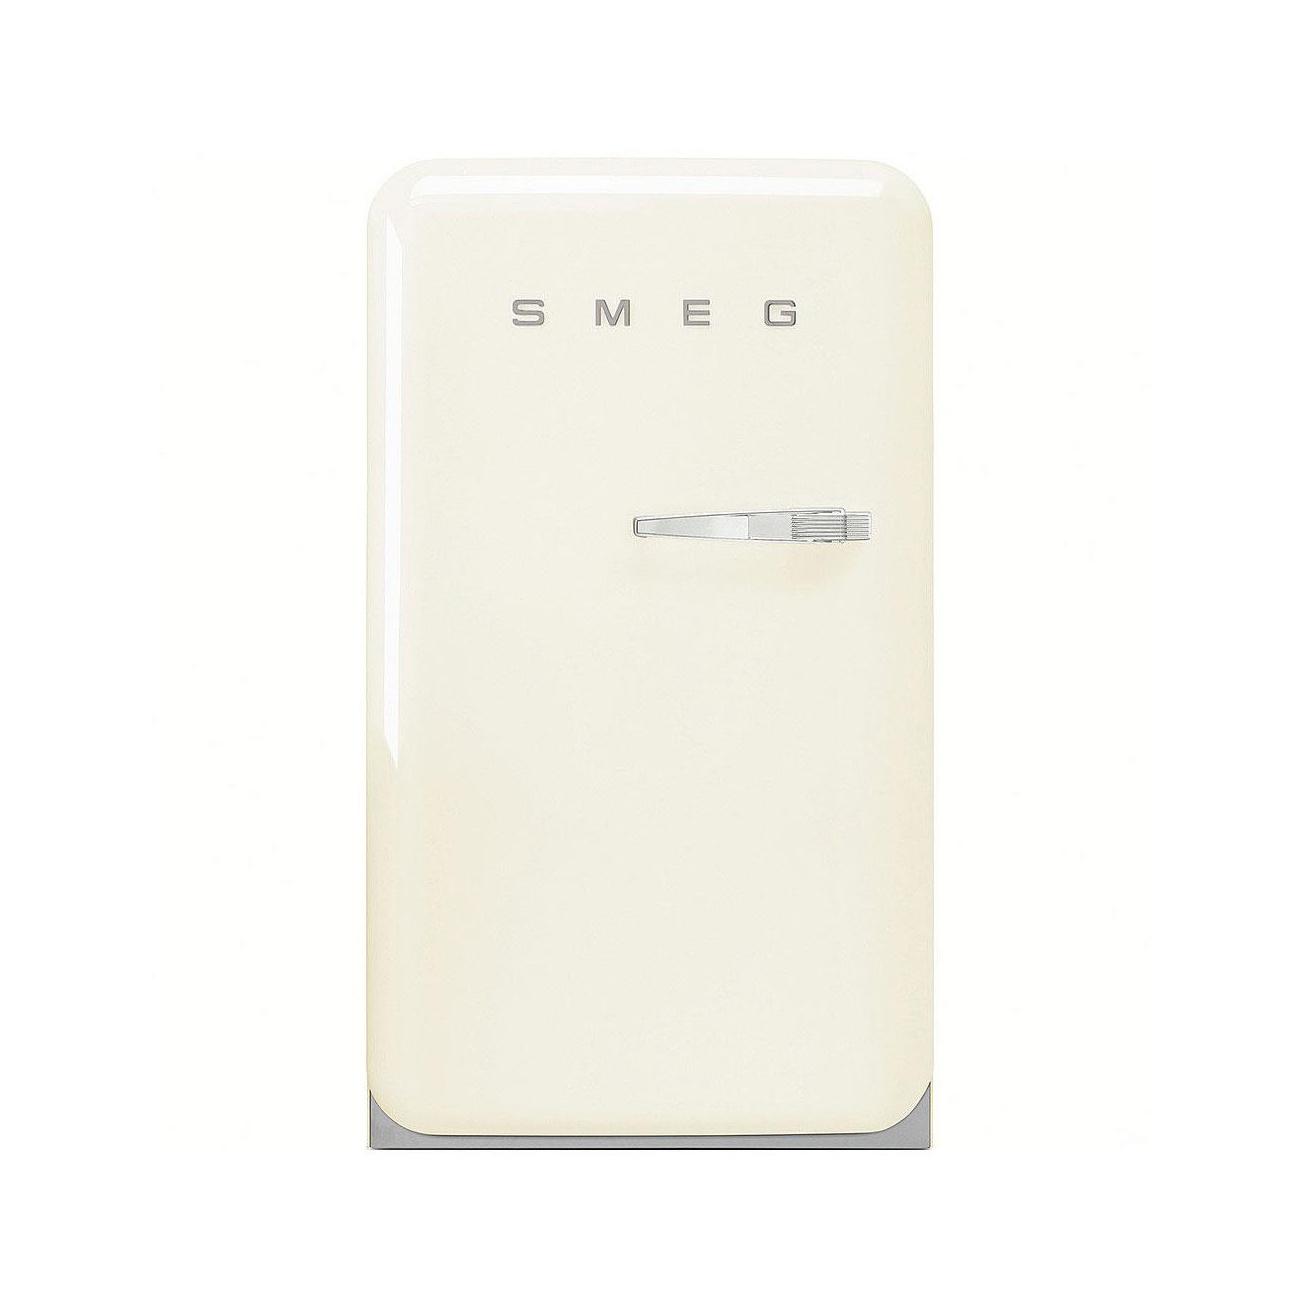 Smeg - FAB10H Standkühlschrank Happy Homebar - creme/lackiert/Linksanschlag | Küche und Esszimmer > Küchenelektrogeräte > Kühlschränke | Creme | Metall| kunststoff | Smeg